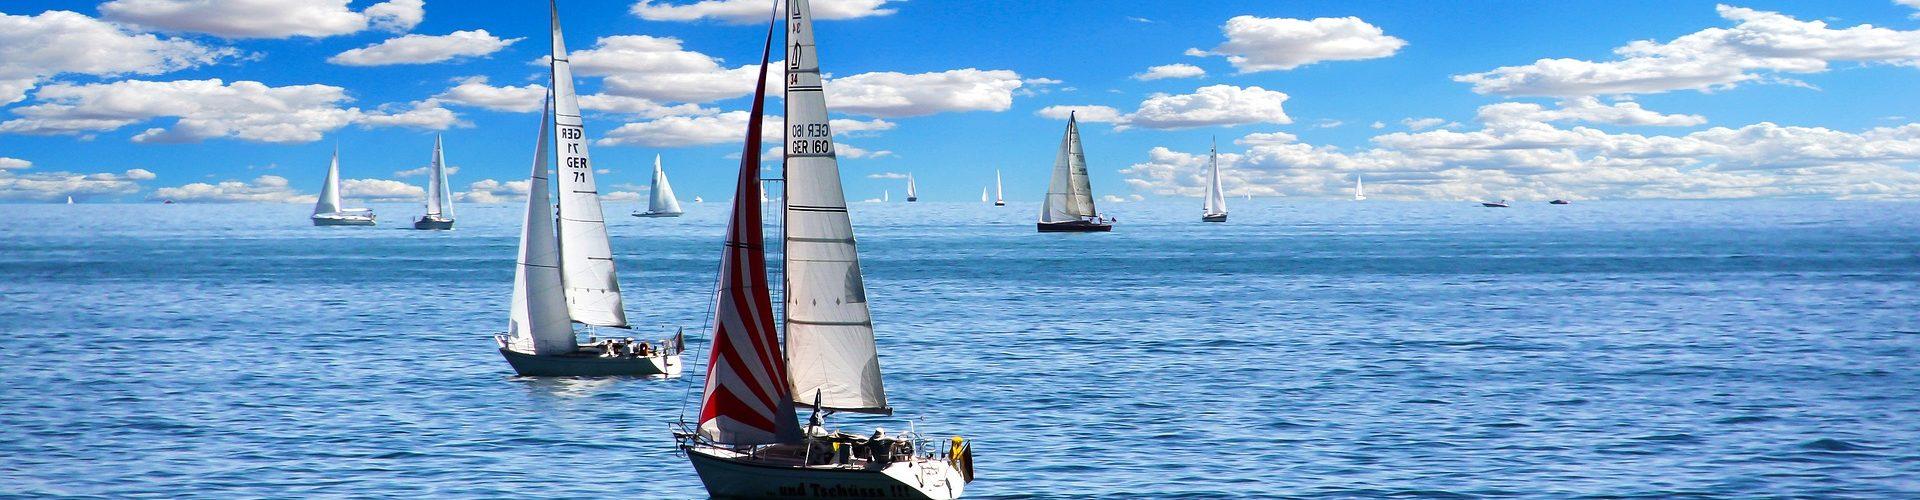 segeln lernen in EislingenFils segelschein machen in EislingenFils 1920x500 - Segeln lernen in Eislingen/Fils